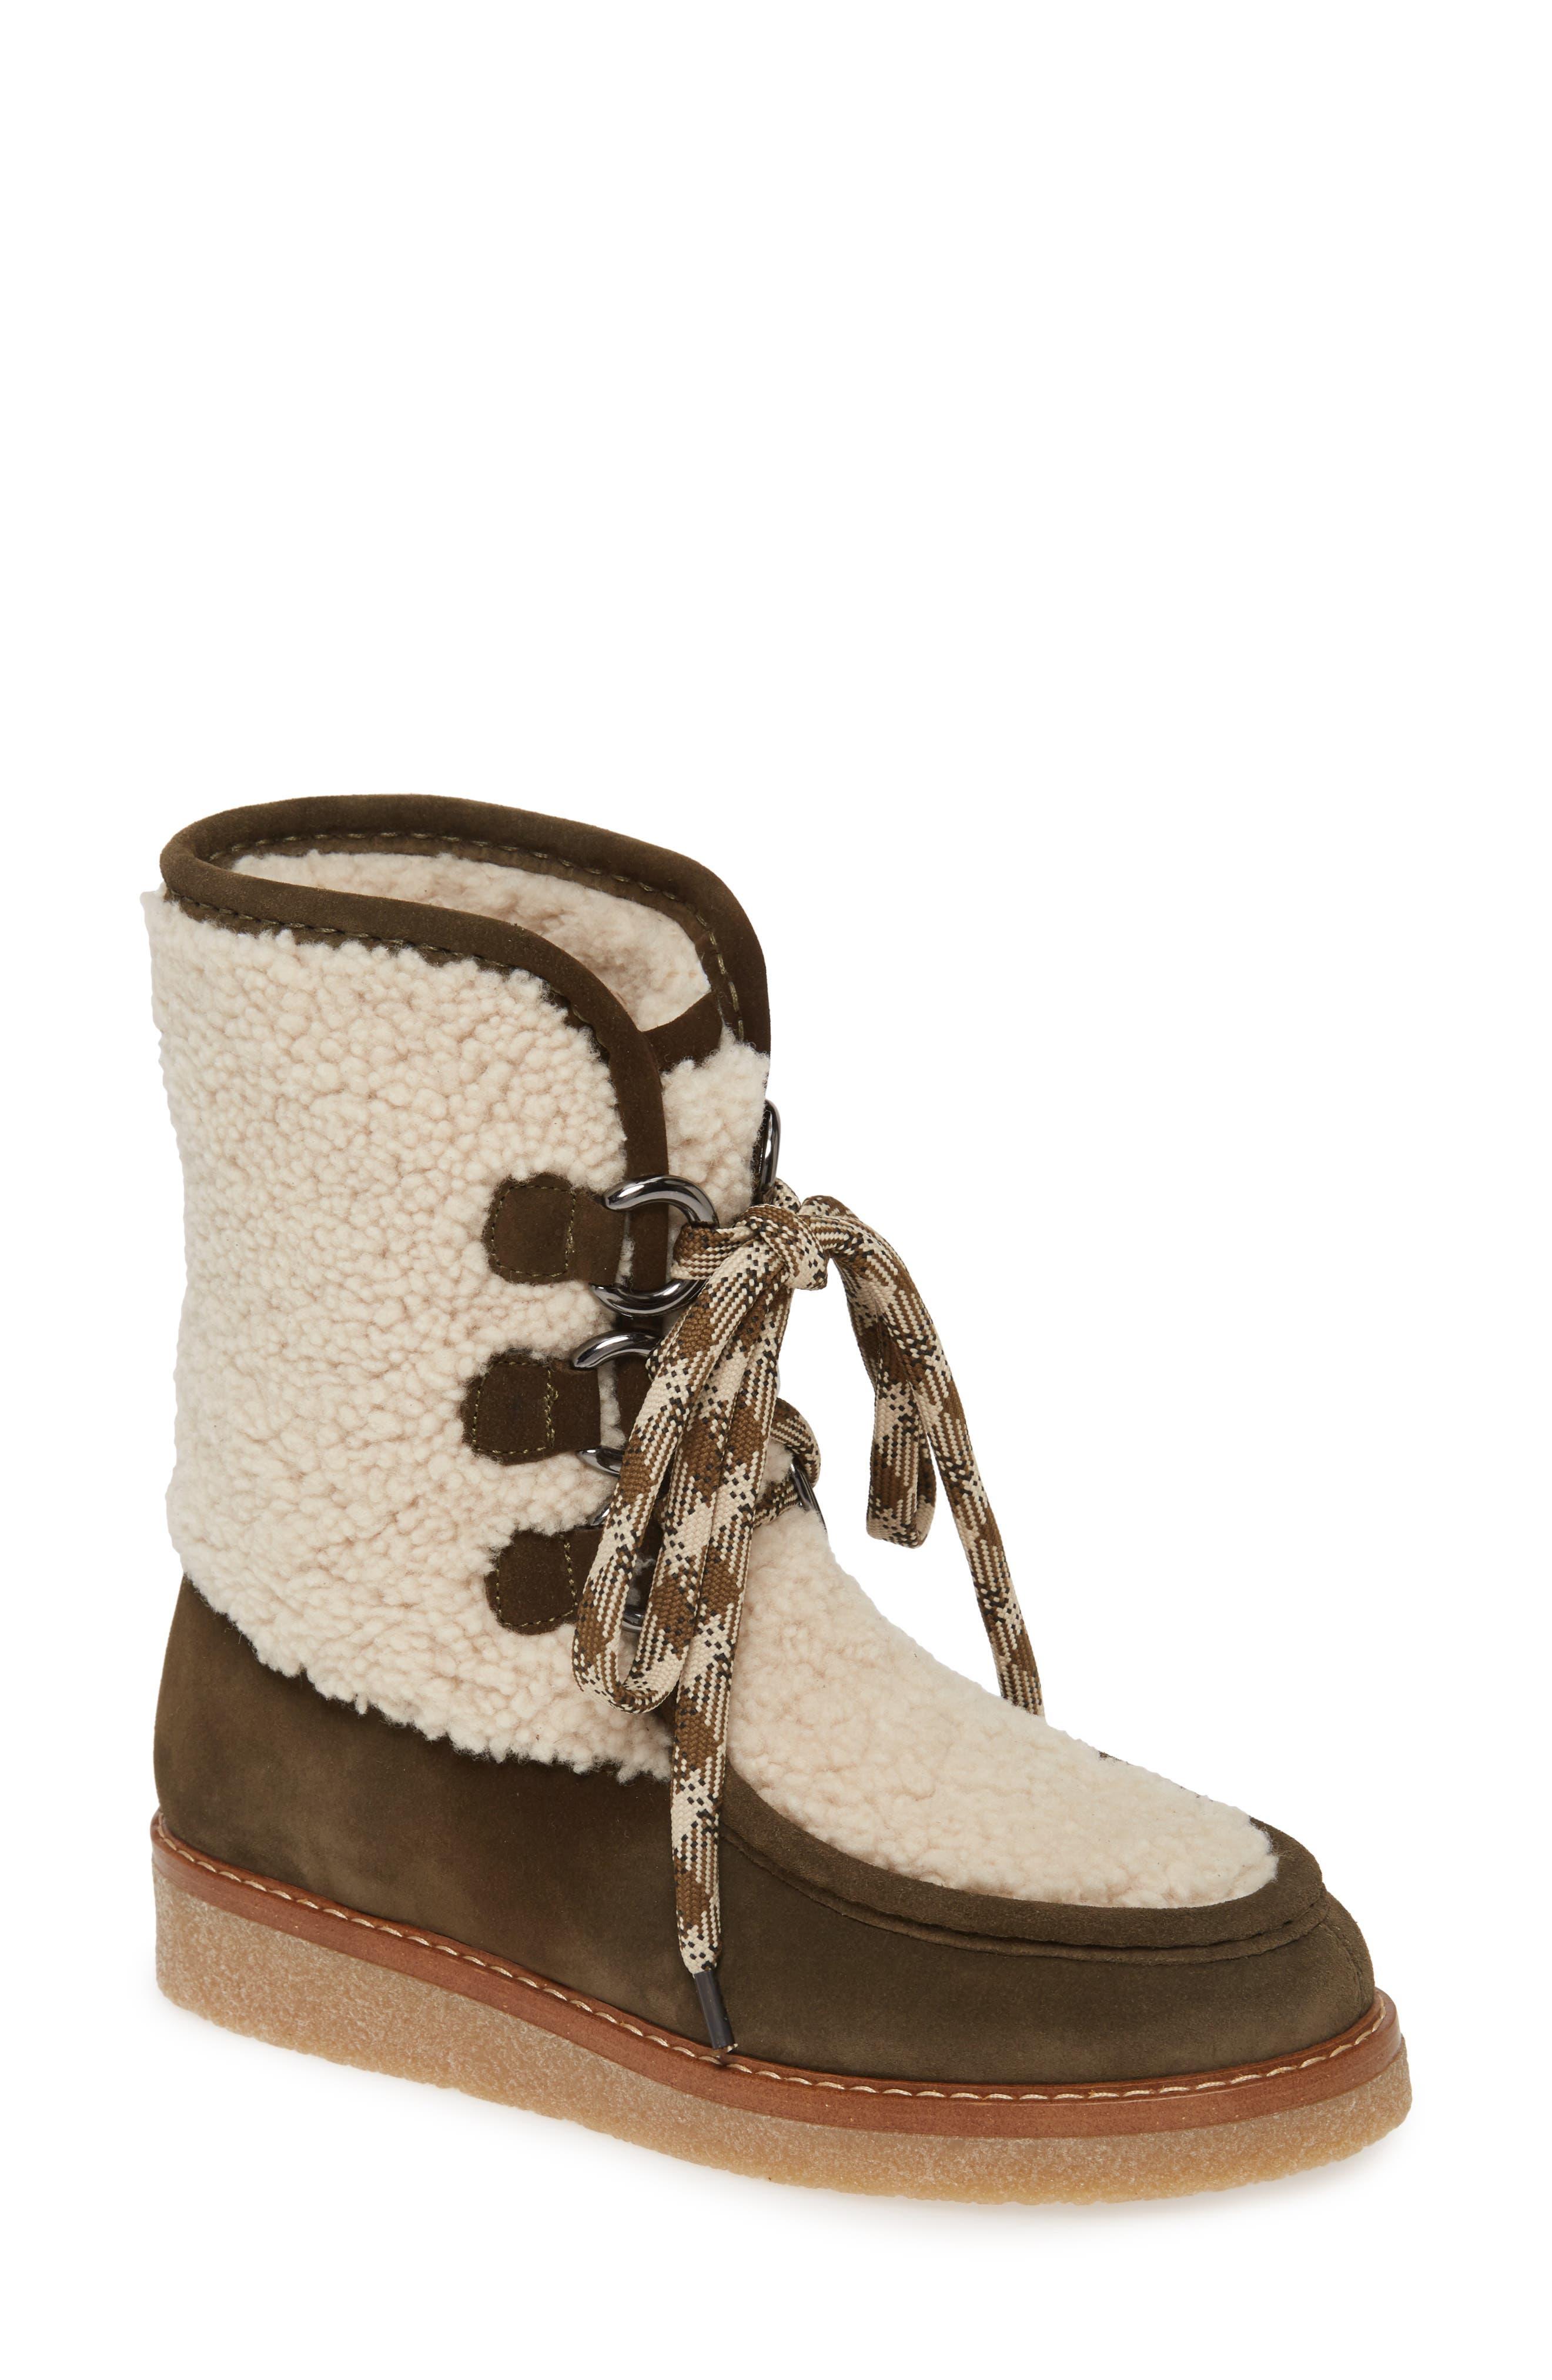 Aquatalia Women's Winter Boots \u0026 Snow